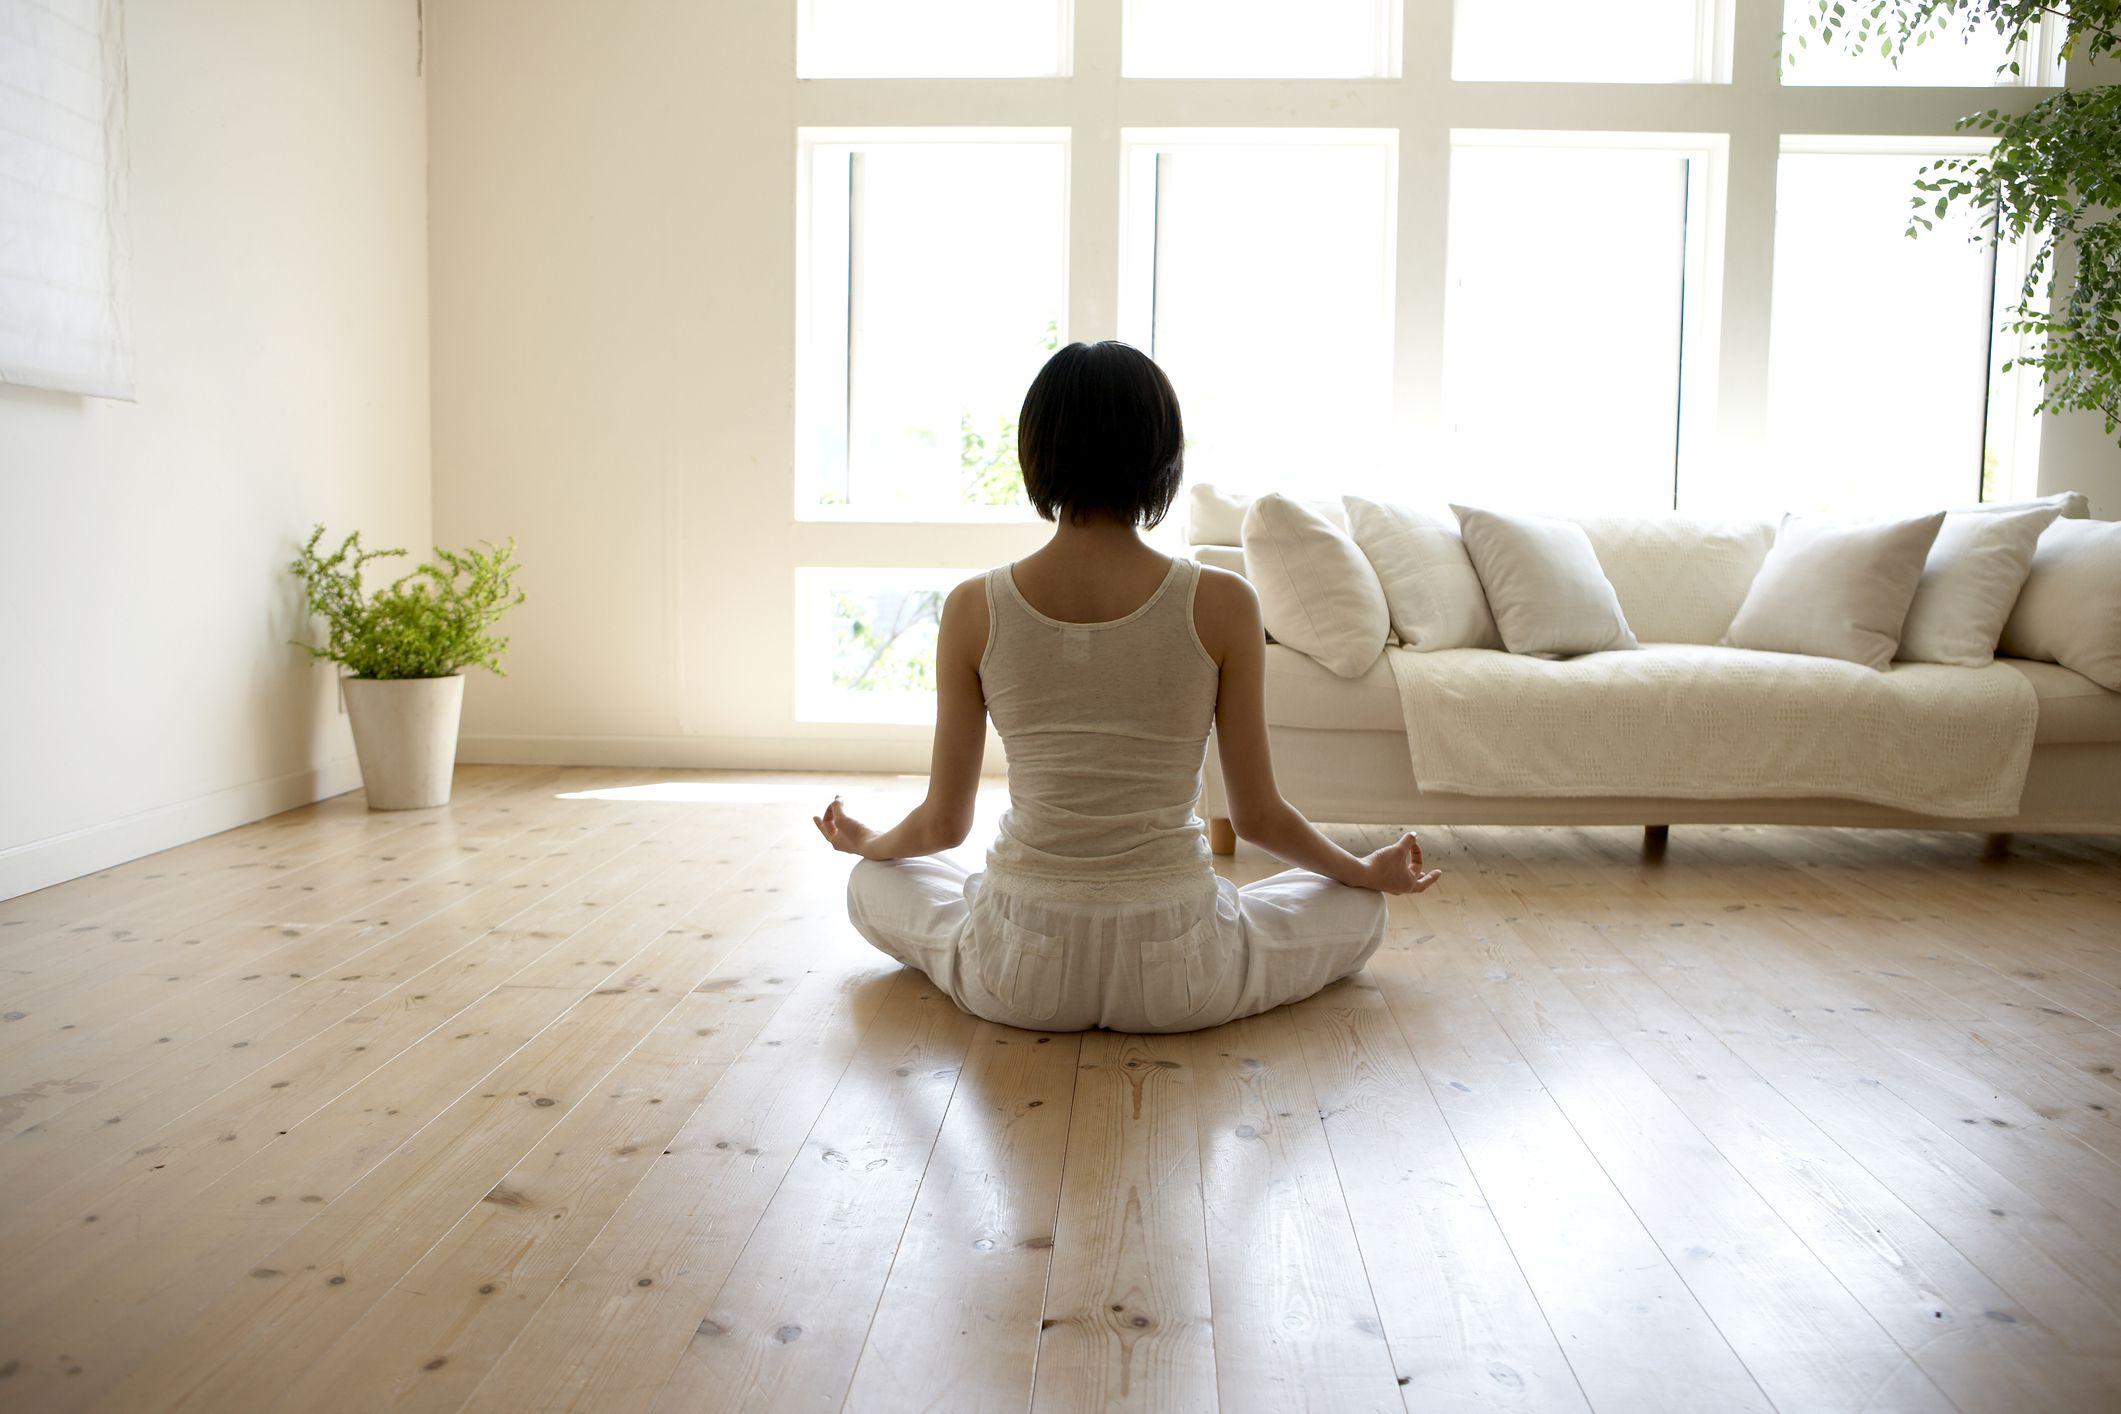 How Can I Create a Calm Zen Decor?